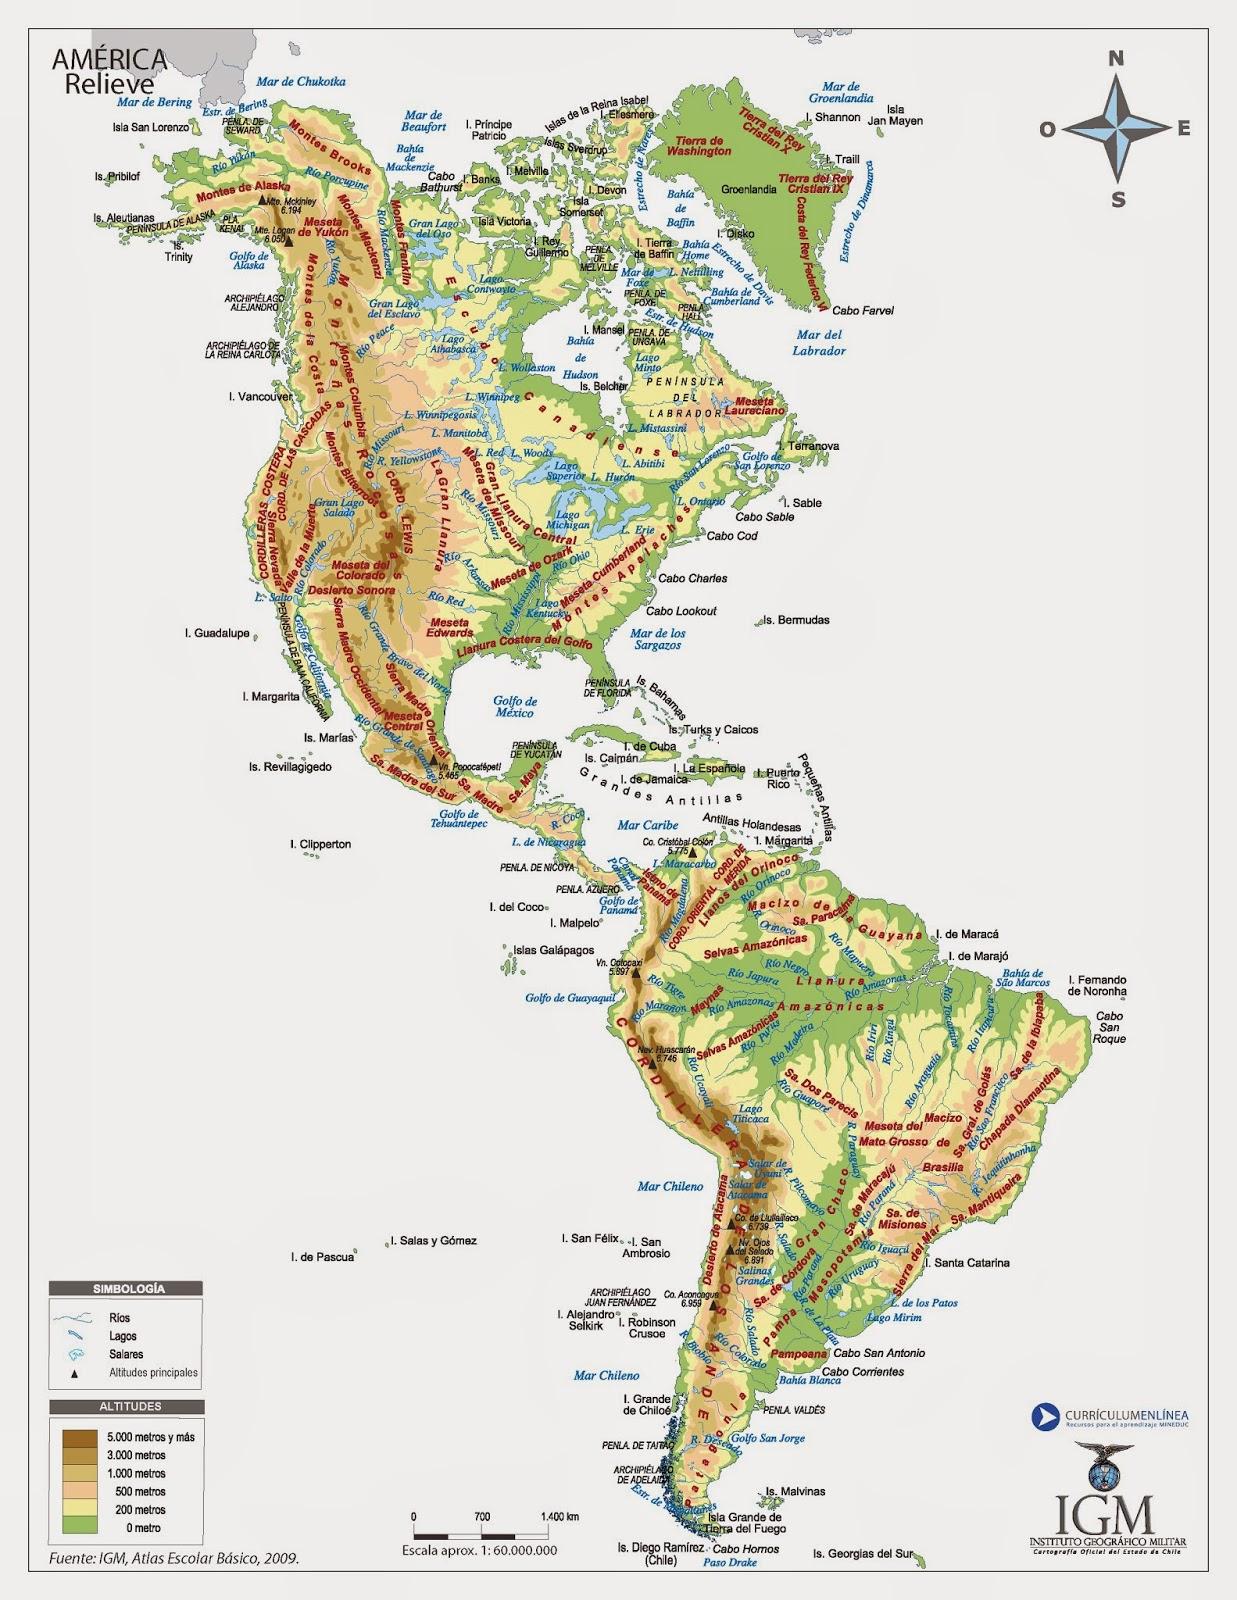 Mapa Accidentes Costeros De America